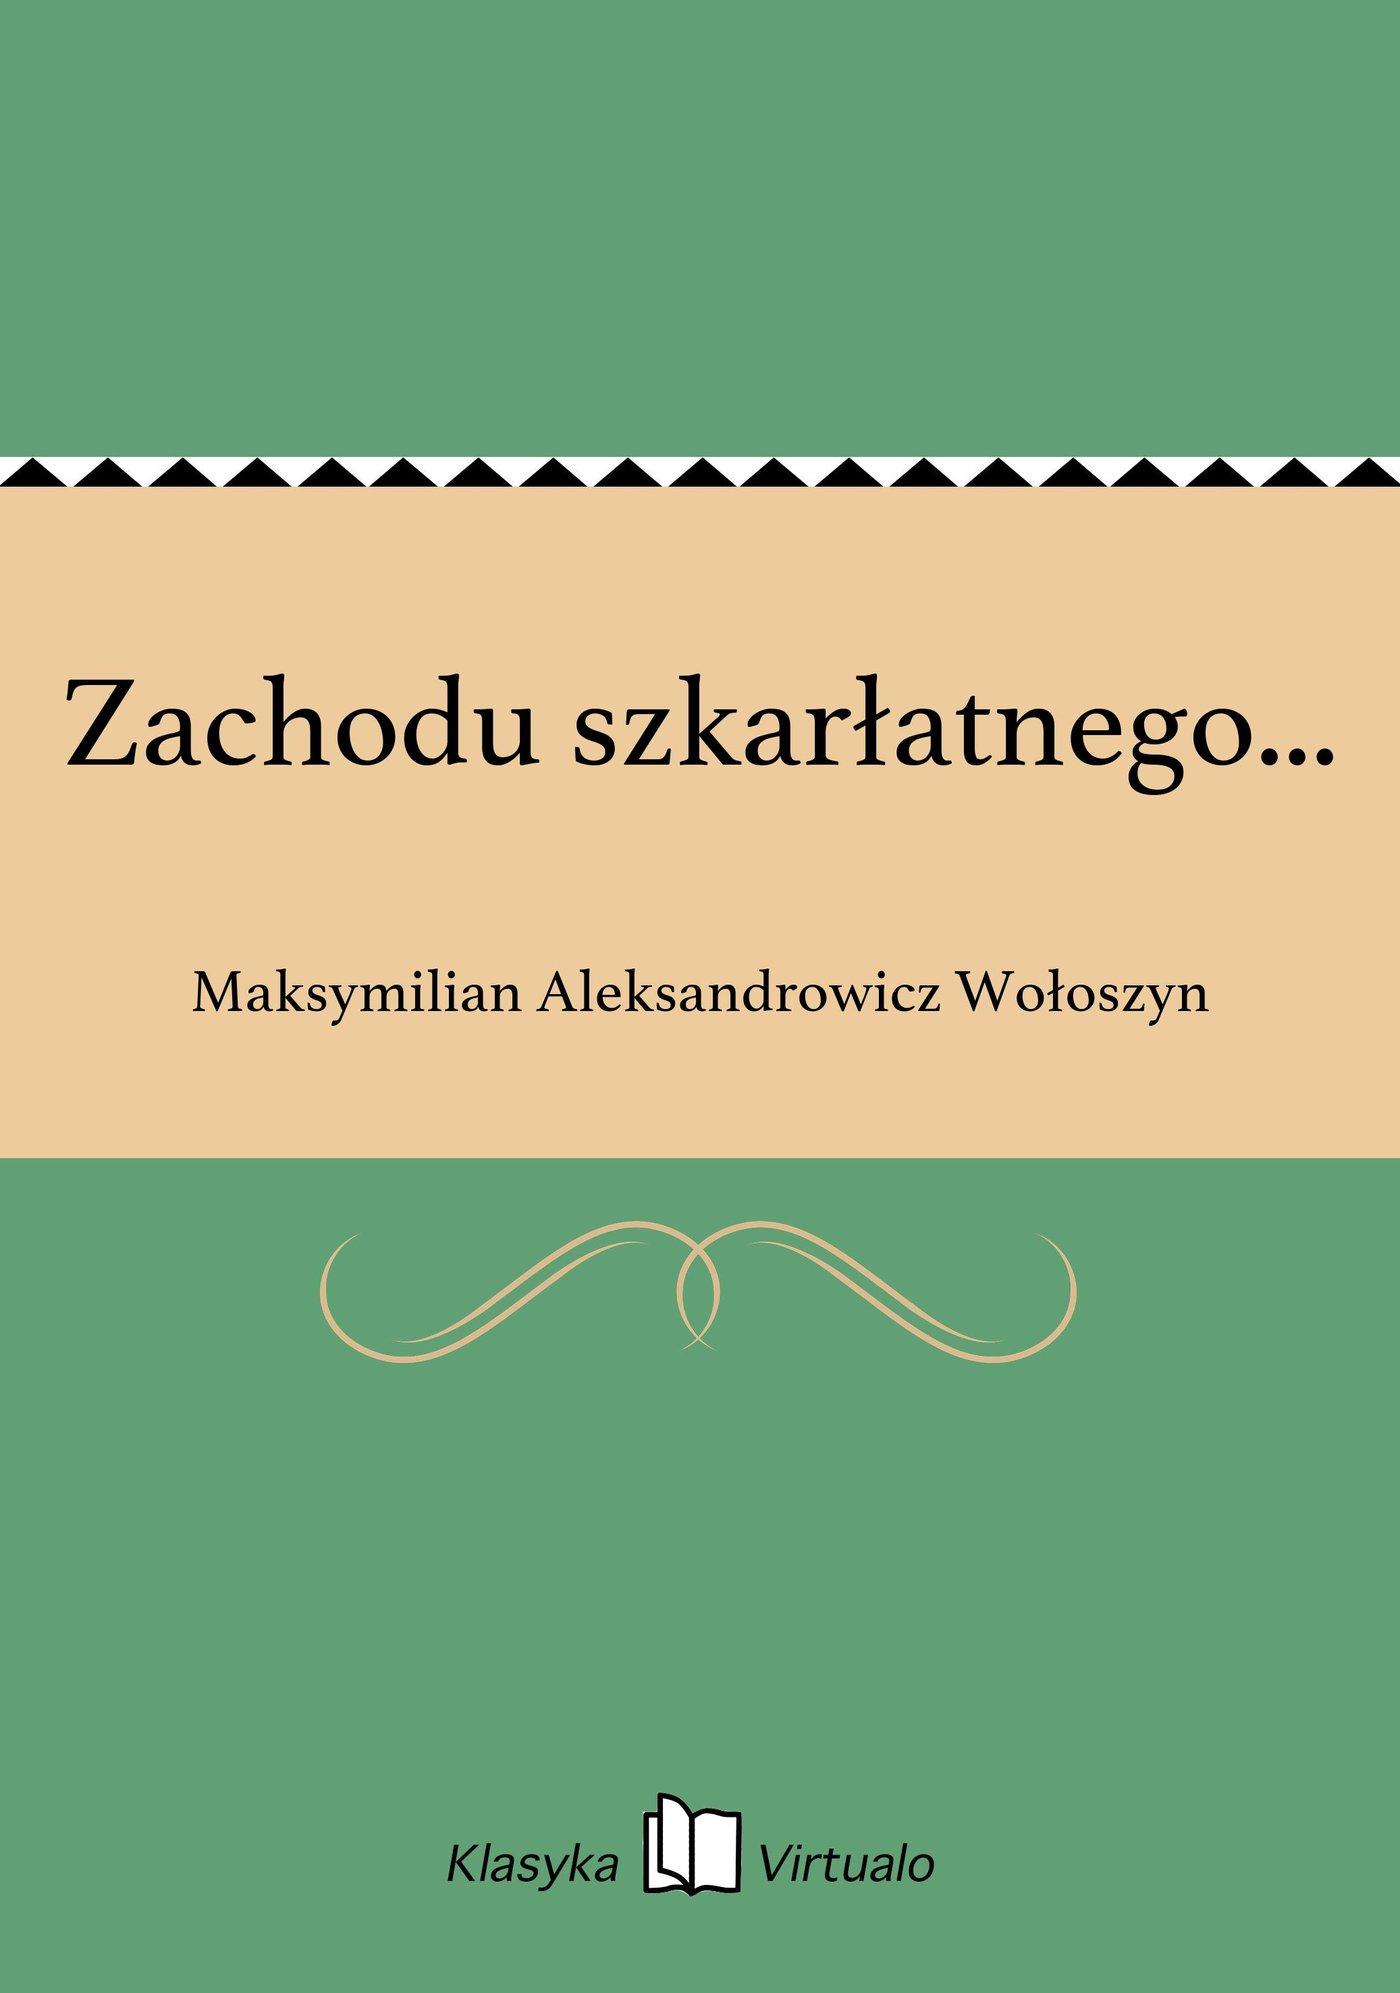 Zachodu szkarłatnego... - Ebook (Książka EPUB) do pobrania w formacie EPUB